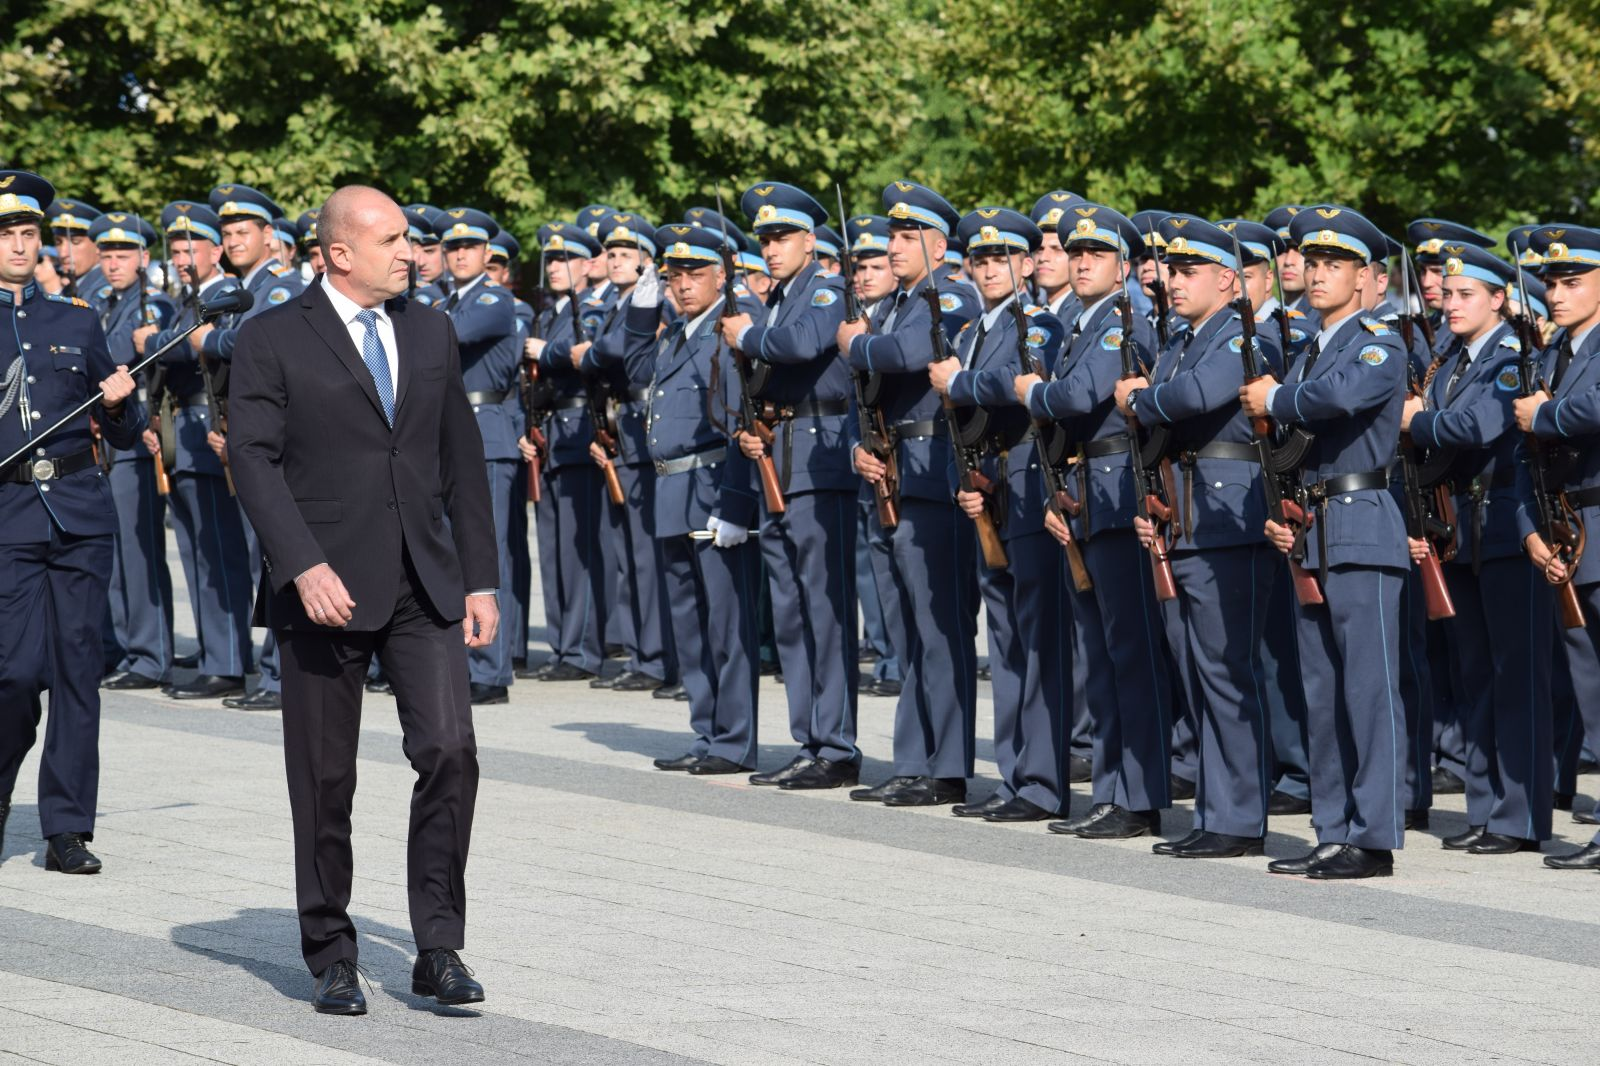 Румен Радев участва в церемонията по връчване на дипломи и присвояване на първо офицерско и сержантско звание на Випуск 70-и на ВВВУ (ЕКСКЛУЗИВНА ГАЛЕРИЯ)